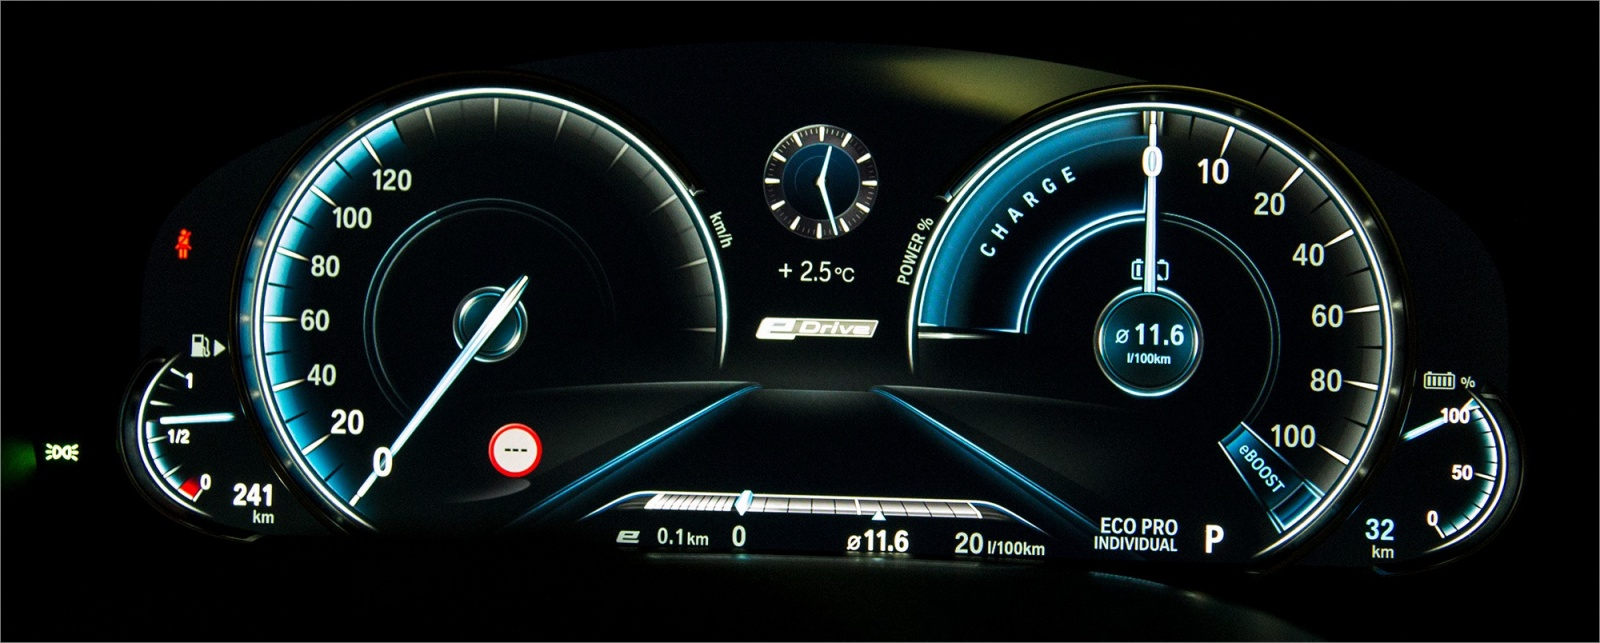 Интересные фишки BMW 7 серии - 11